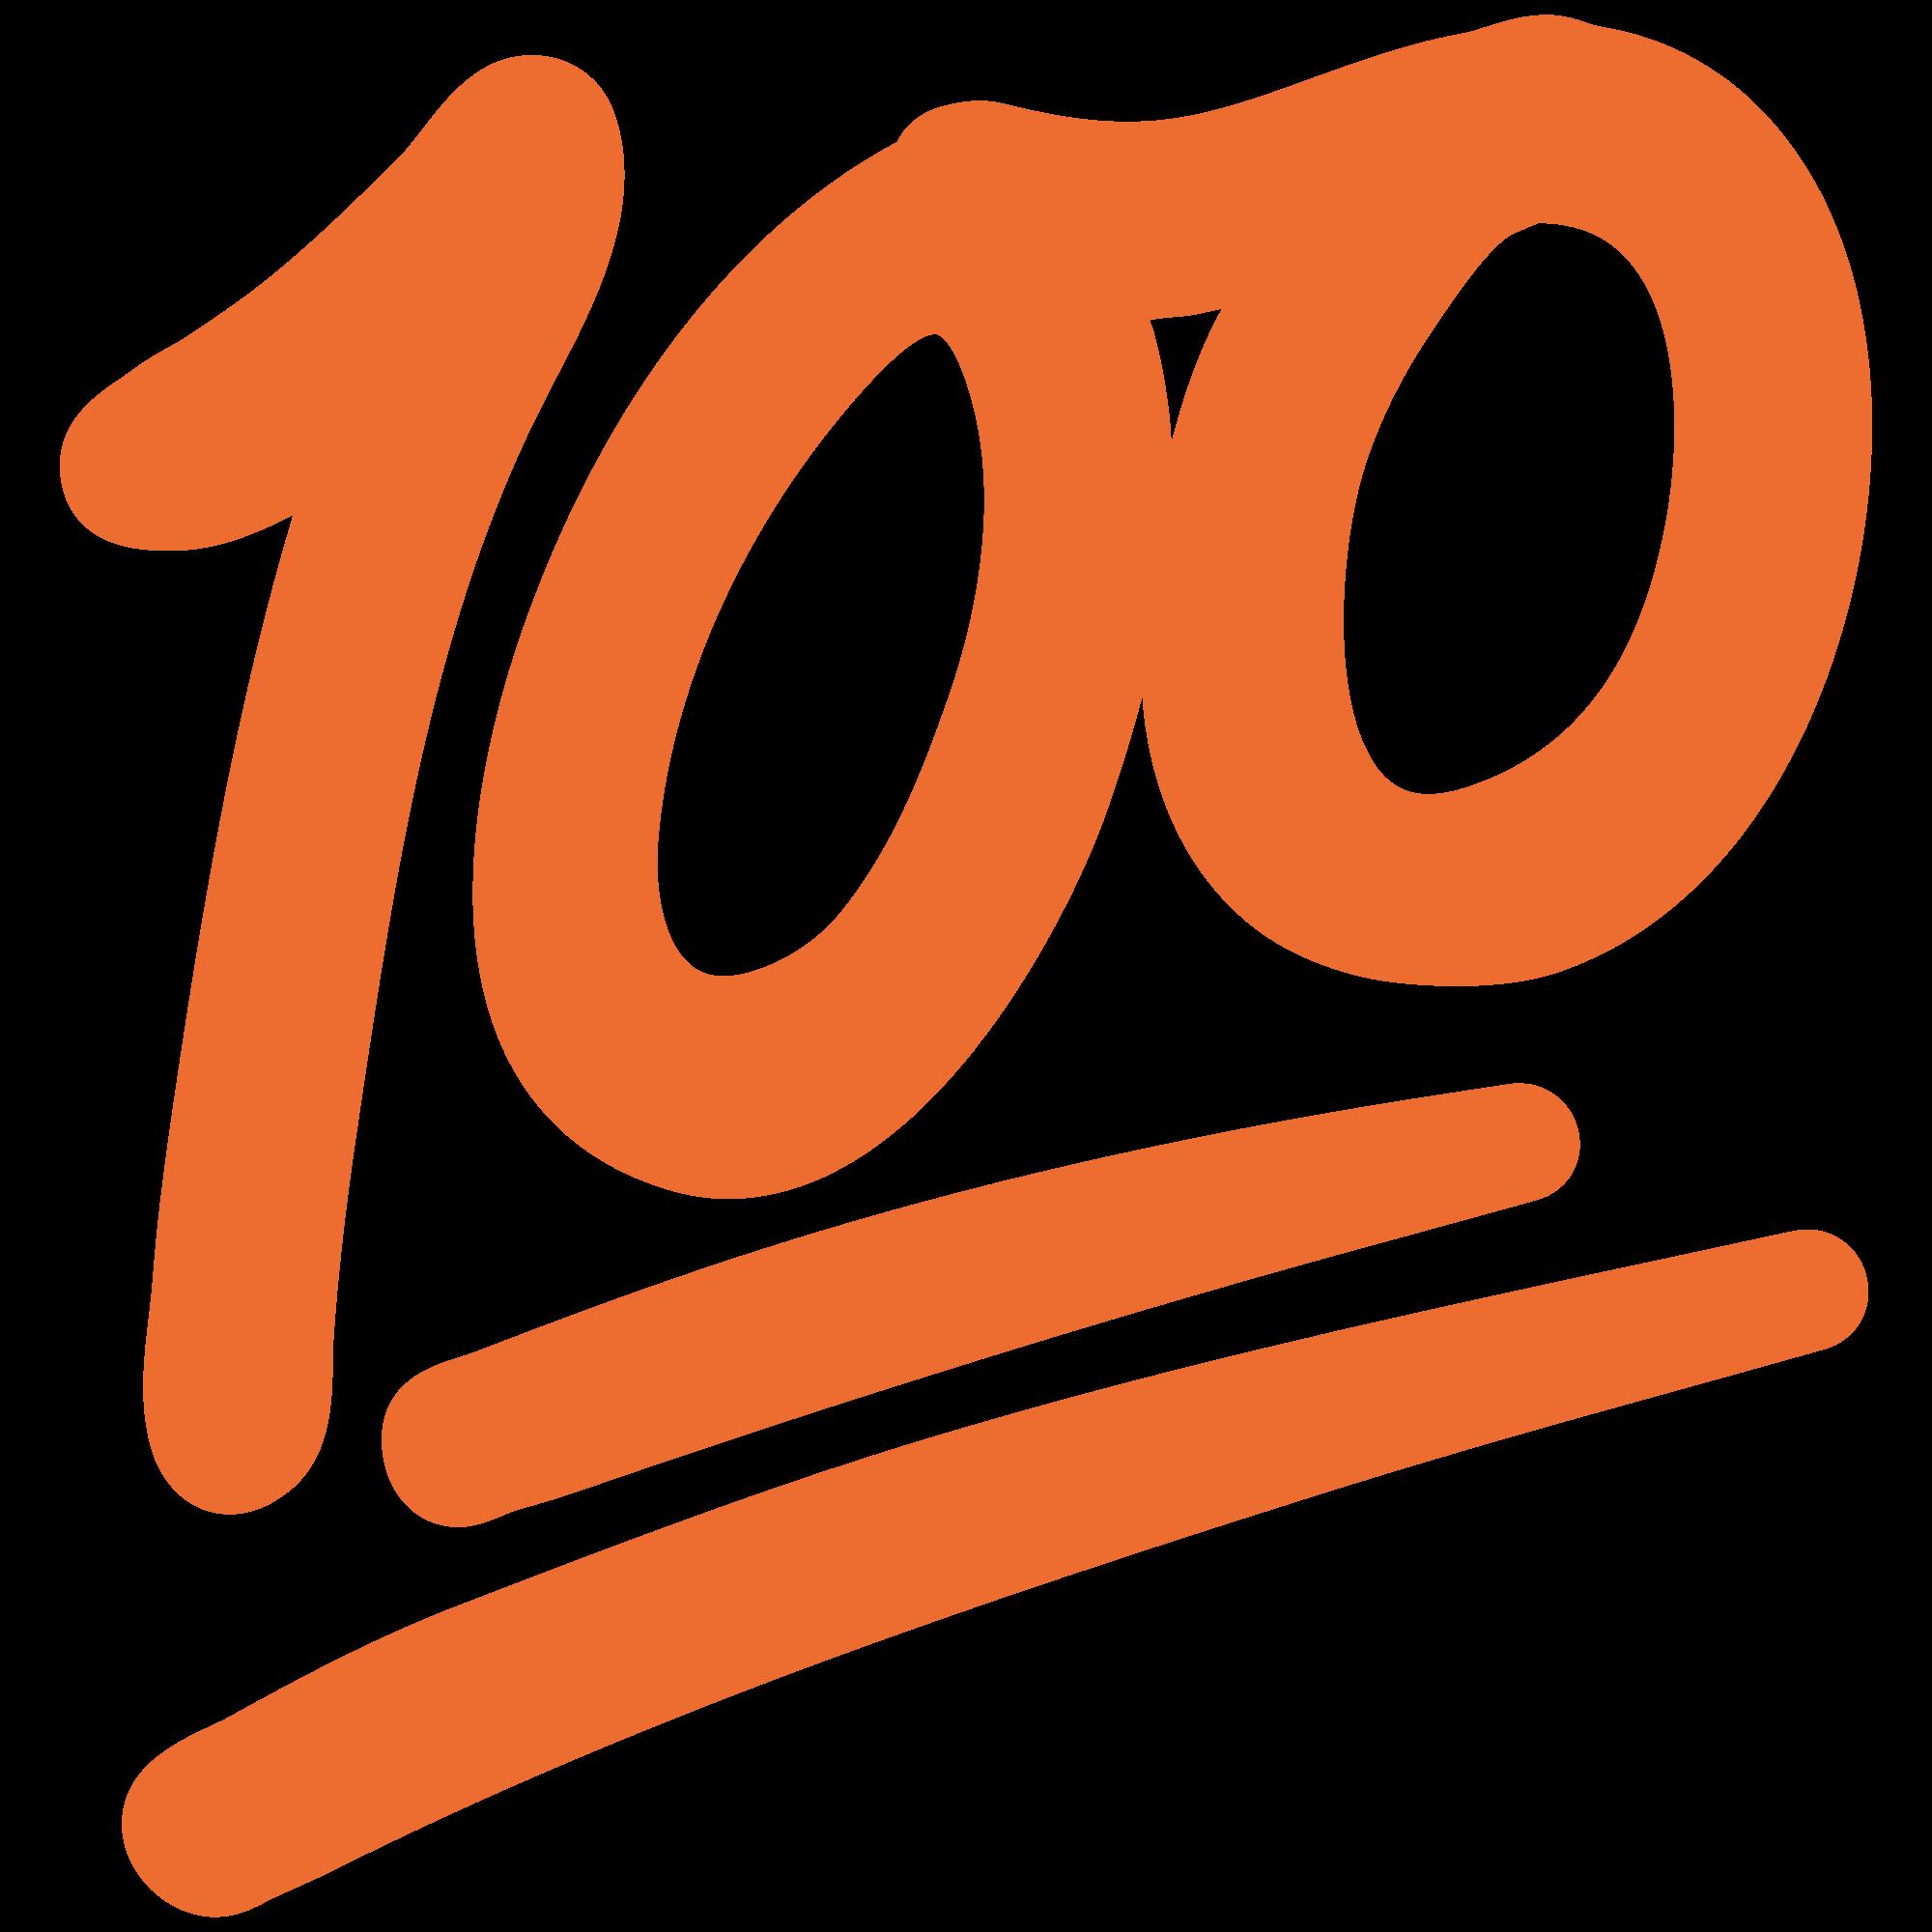 100-orange-emoji